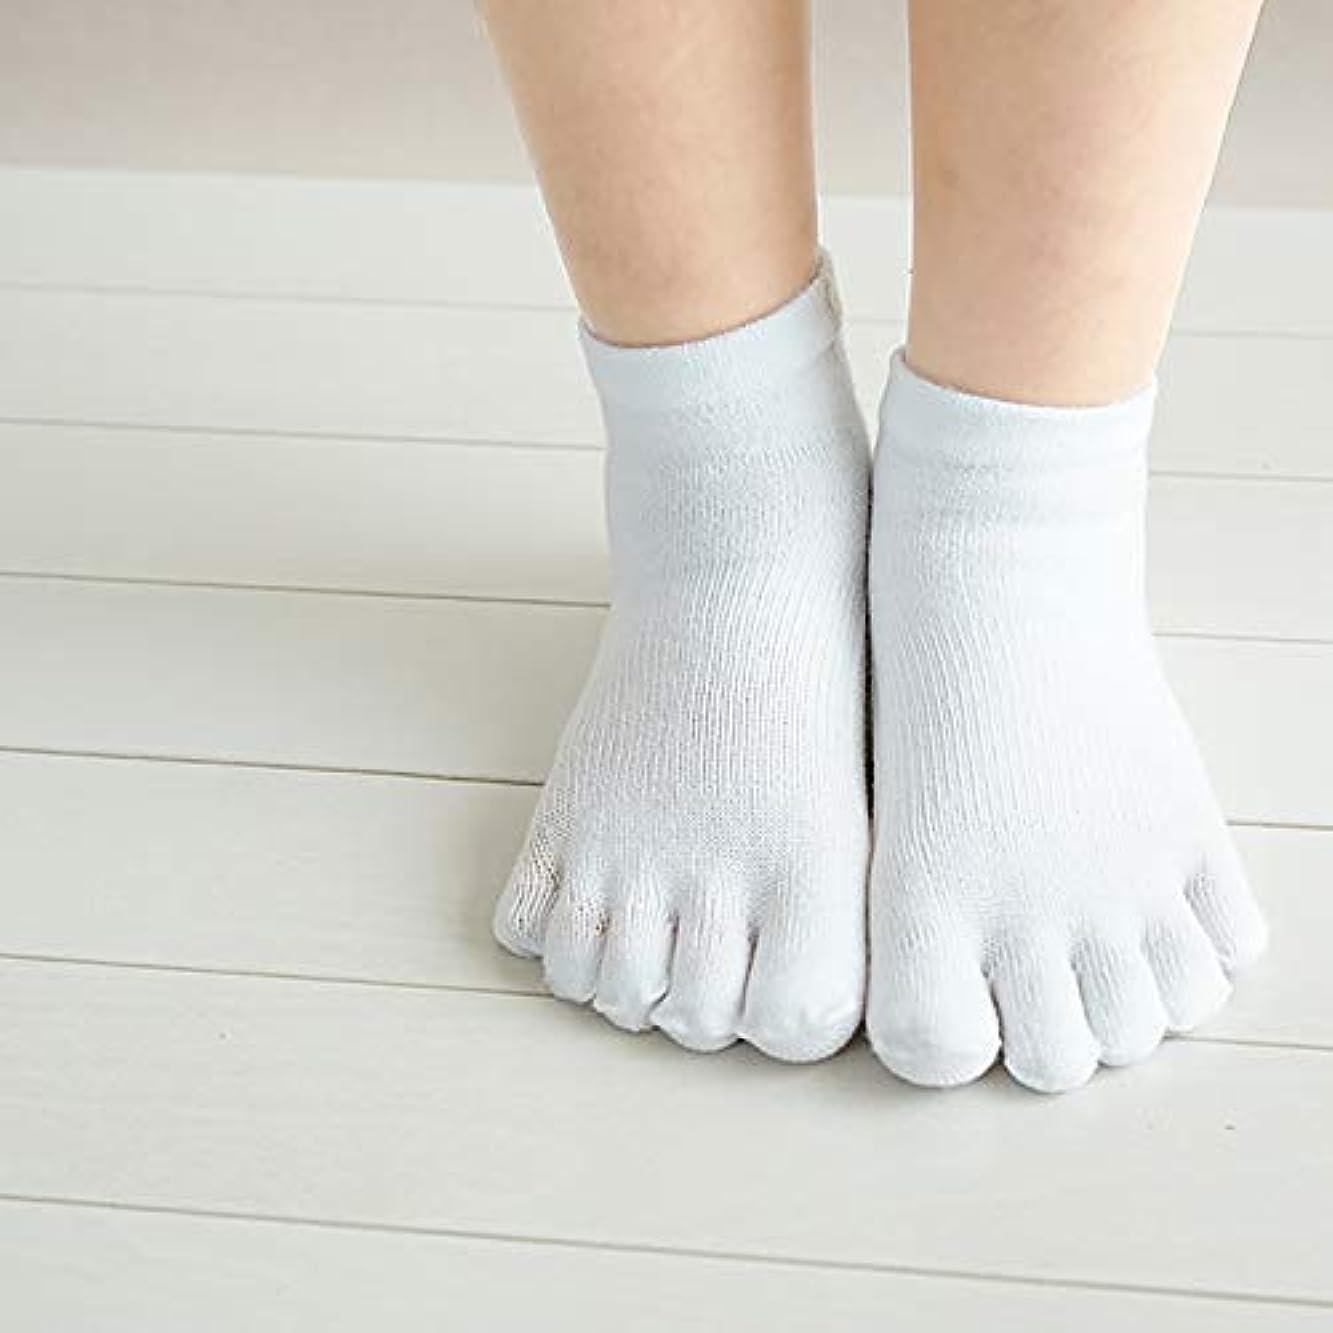 幻想的とまり木相続人ゆびのばソックス Neo アズキッズ ホワイト 幼児用靴下 5本指ソックス